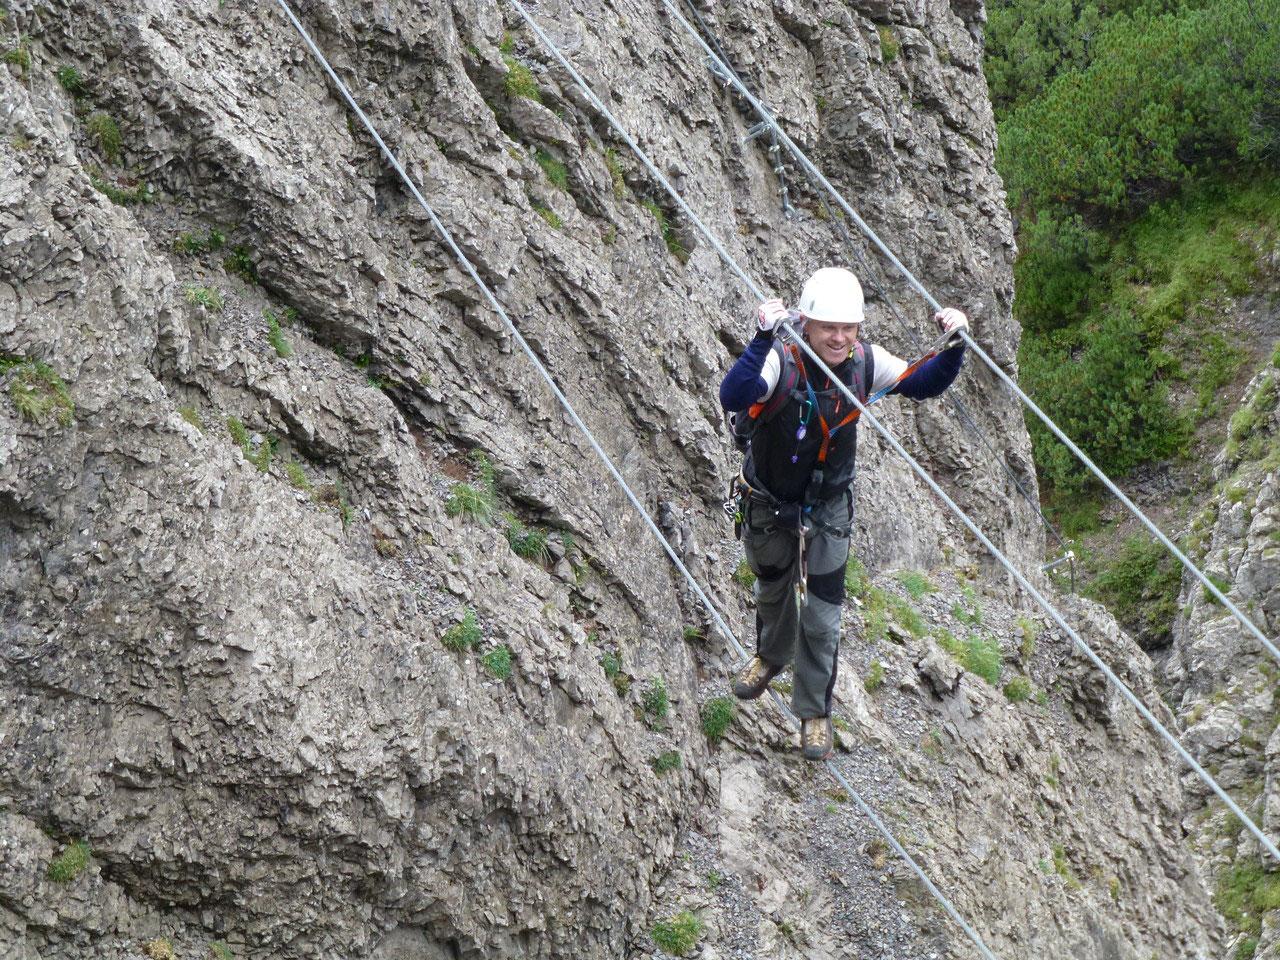 Pittentaler Klettersteig : Pittentalersteig pittentaler klettersteig bergsteigen